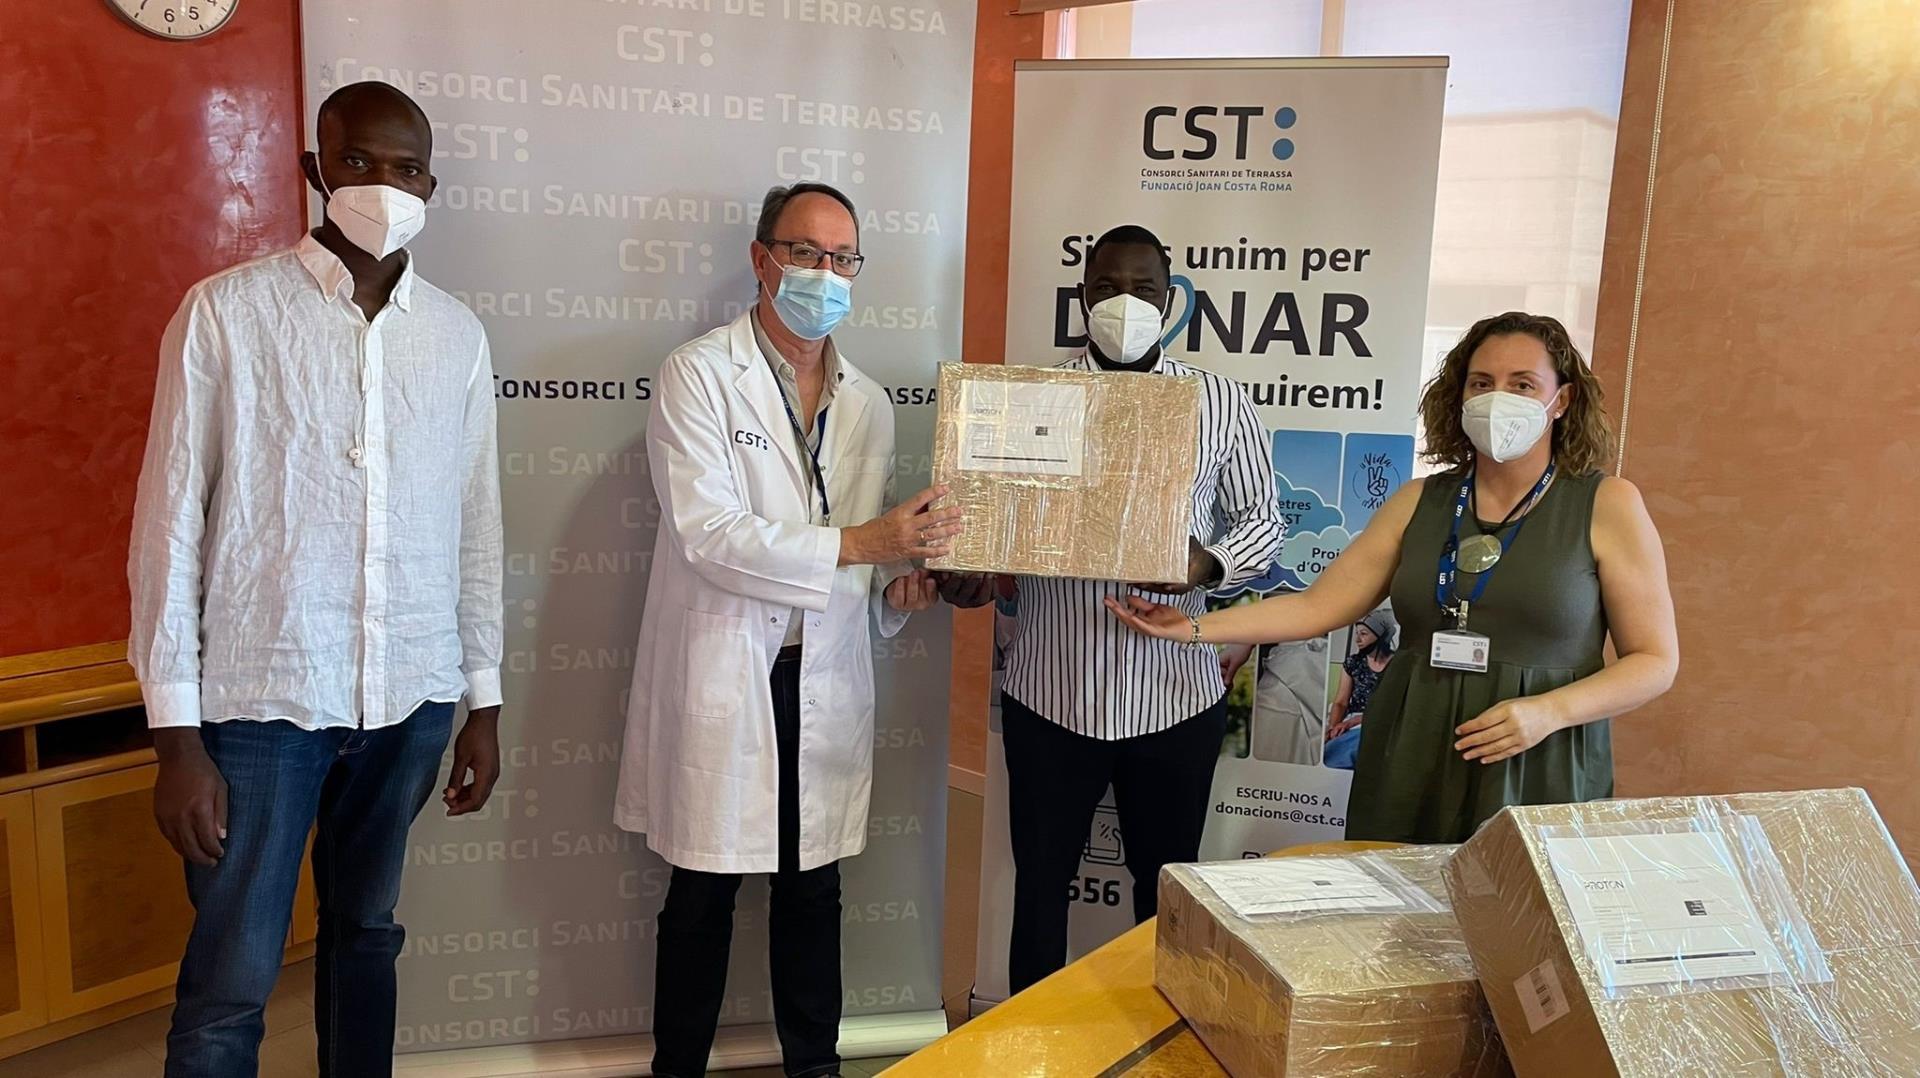 Lliurament dels duplicadors de respiradors    CST